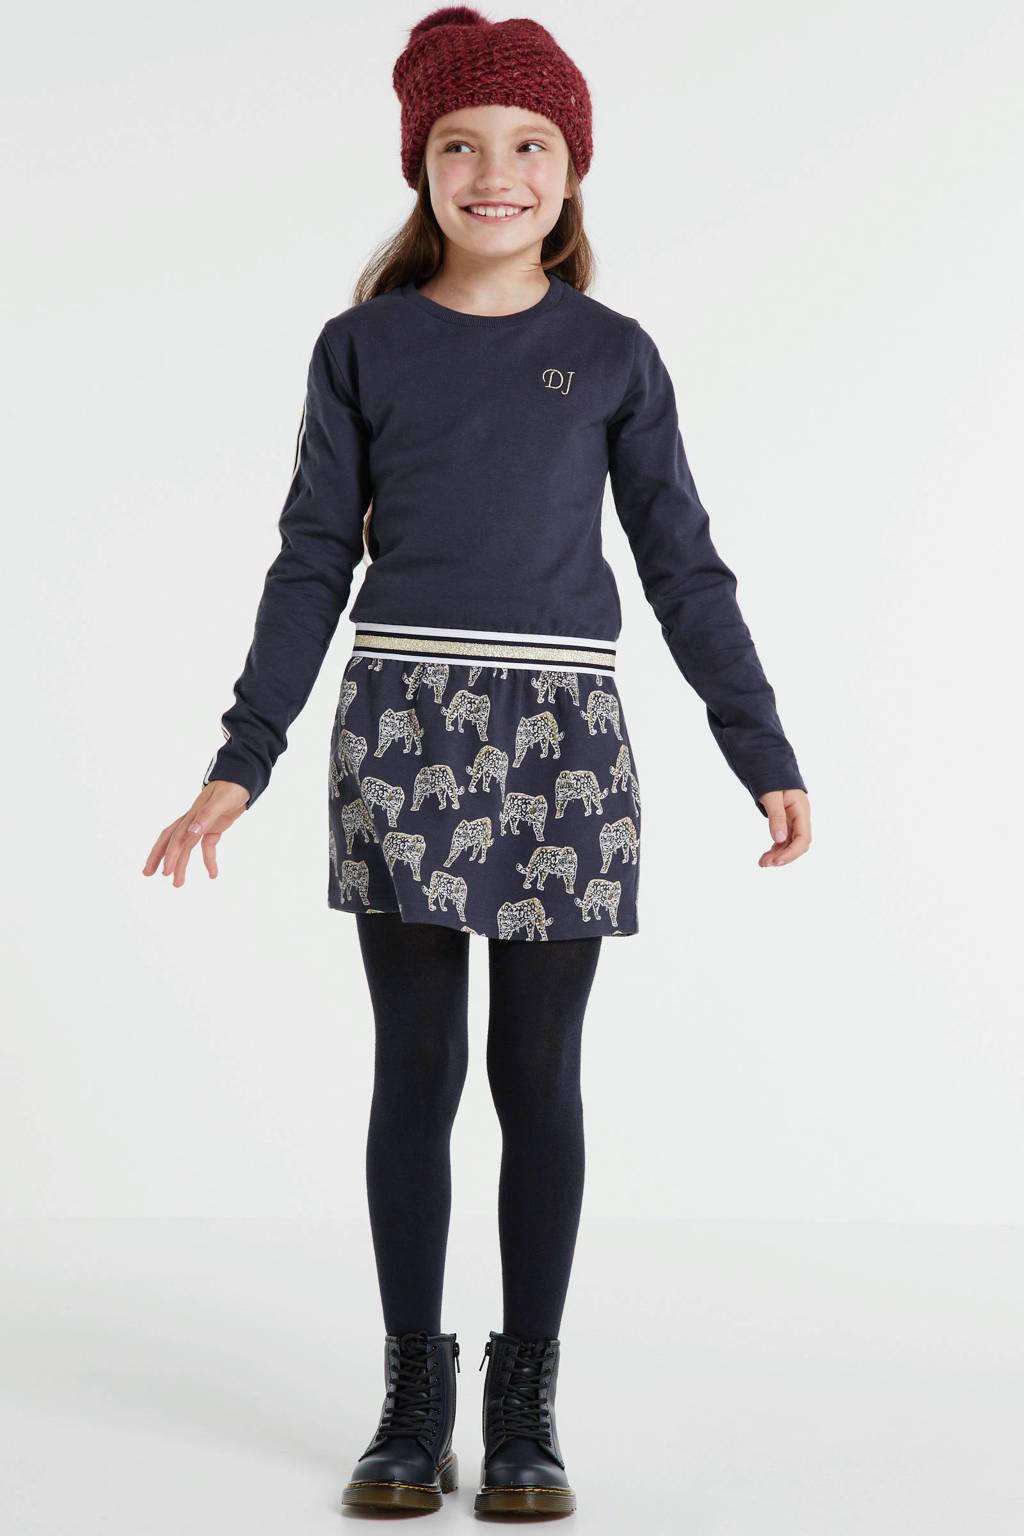 DJ Dutchjeans jurk met contrastbies en borduursels donkerblauw/goud/wit, Donkerblauw/goud/wit